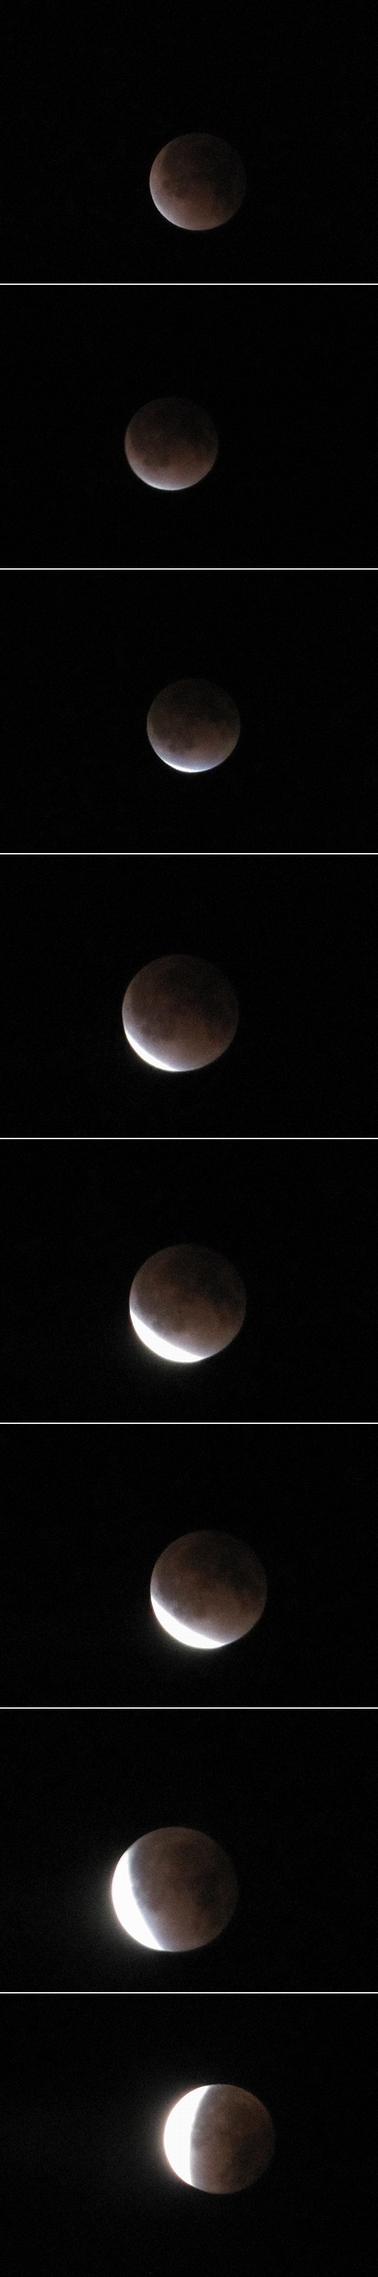 皆既月食11時50分.jpg